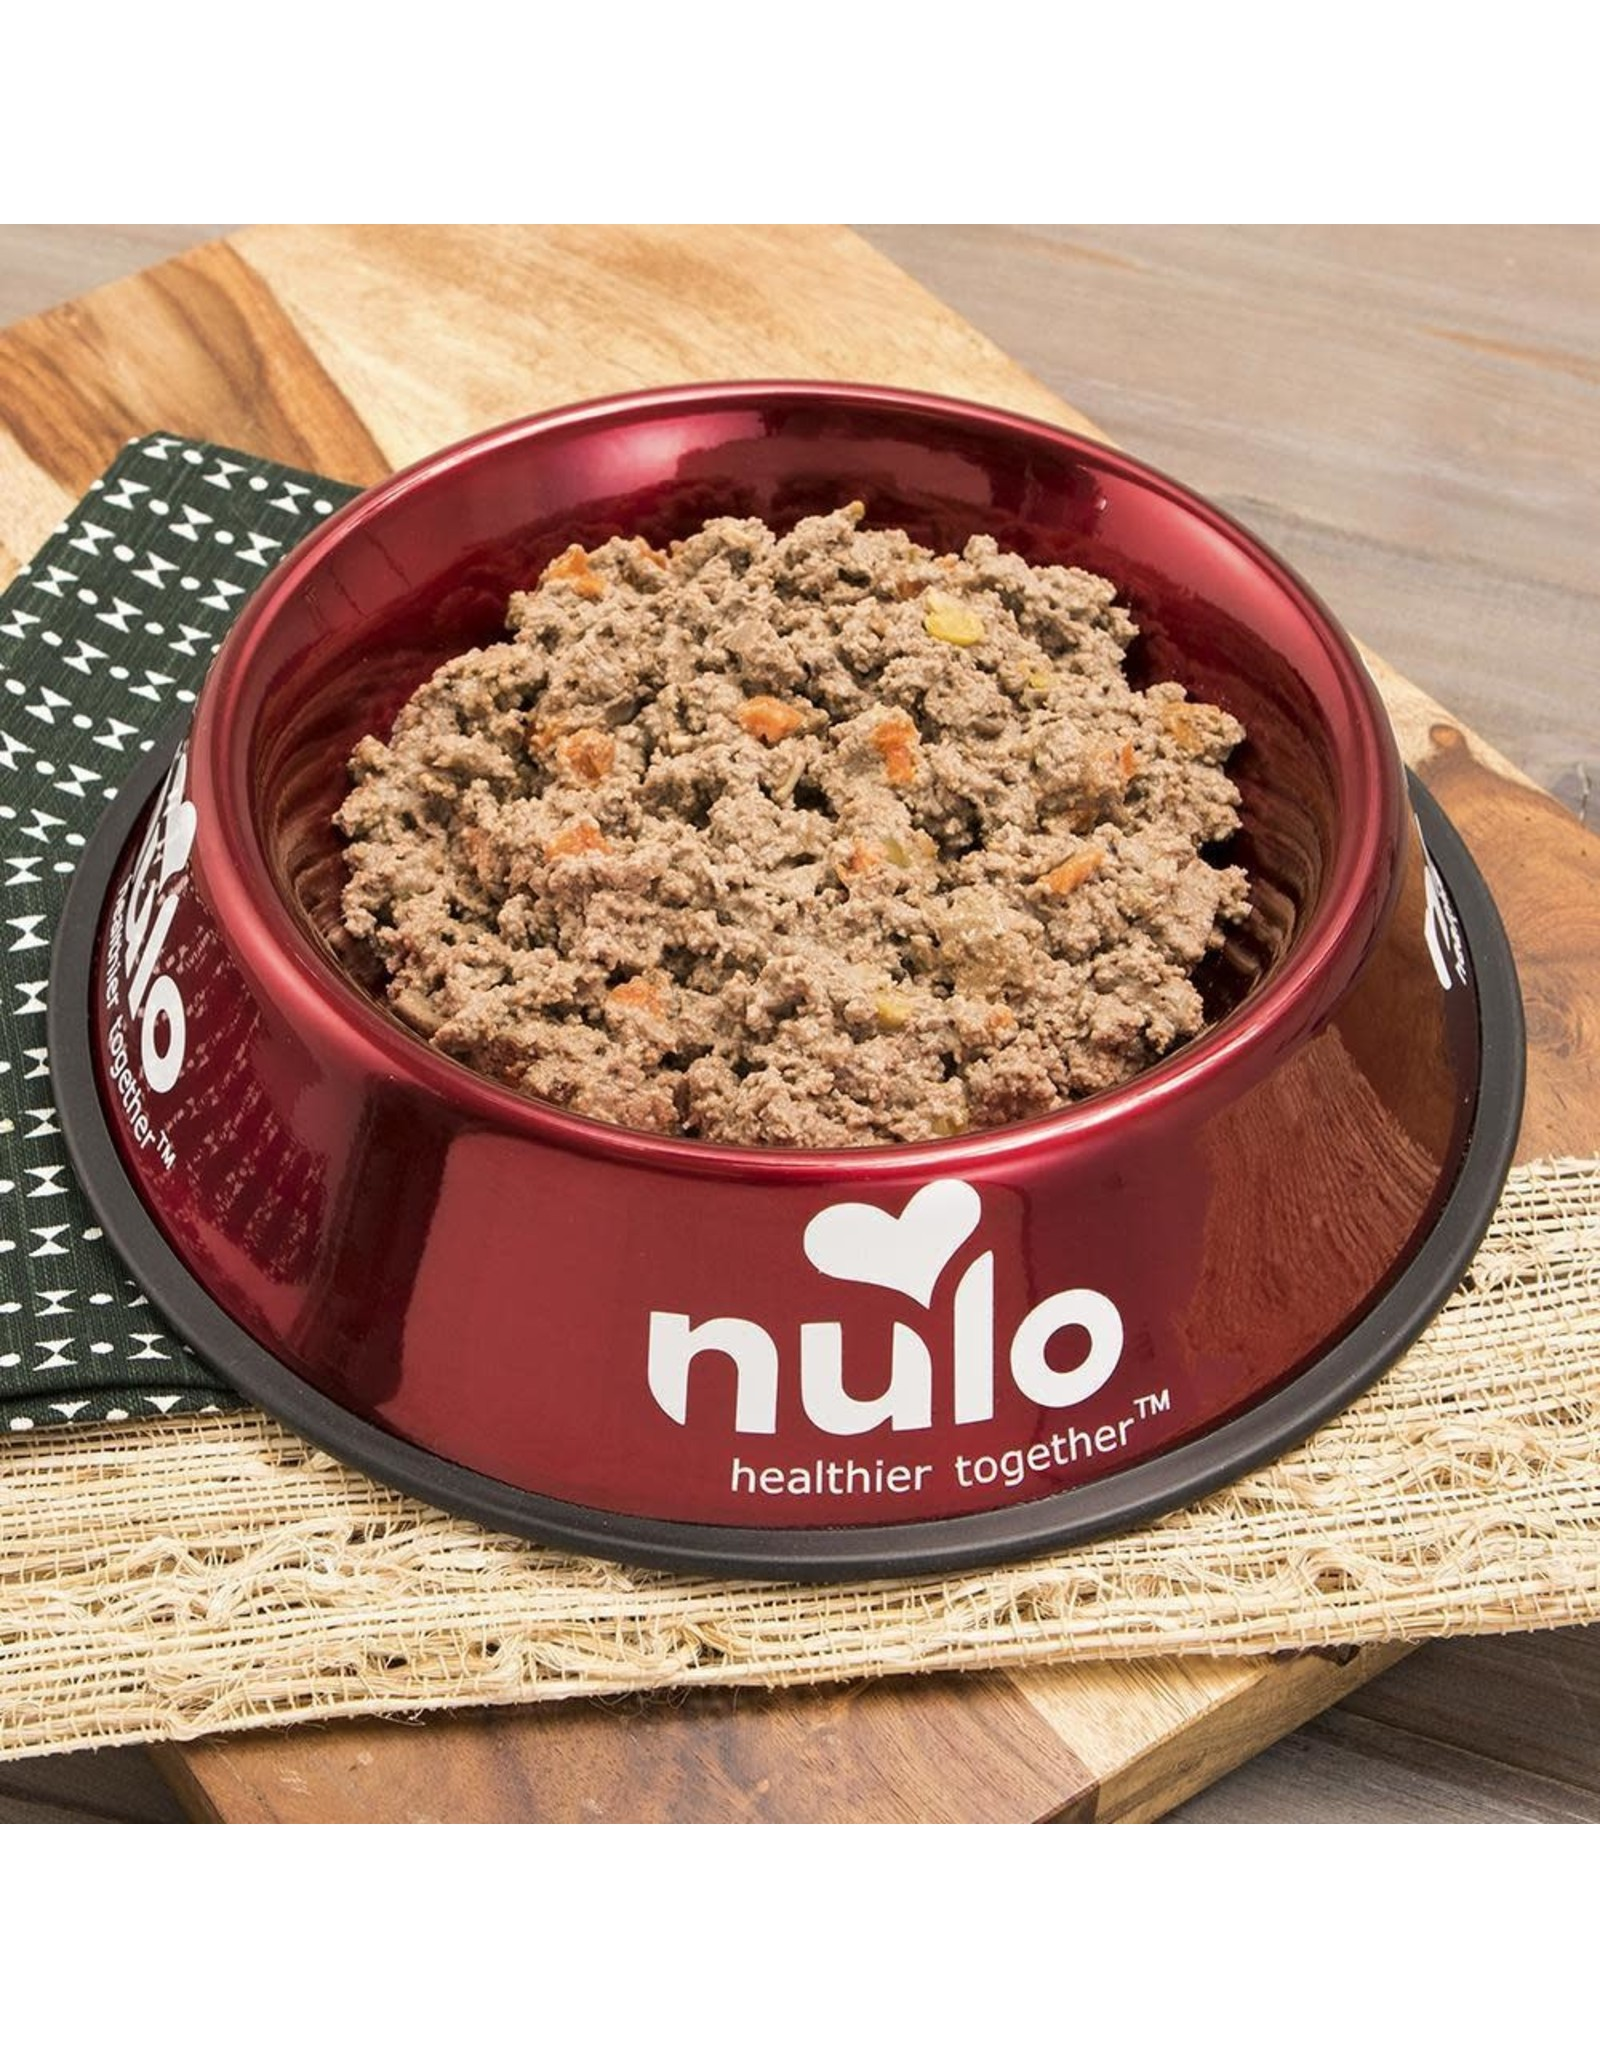 Nulo Freestyle Adult Turkey & Sweet Potato Canned Dog Food